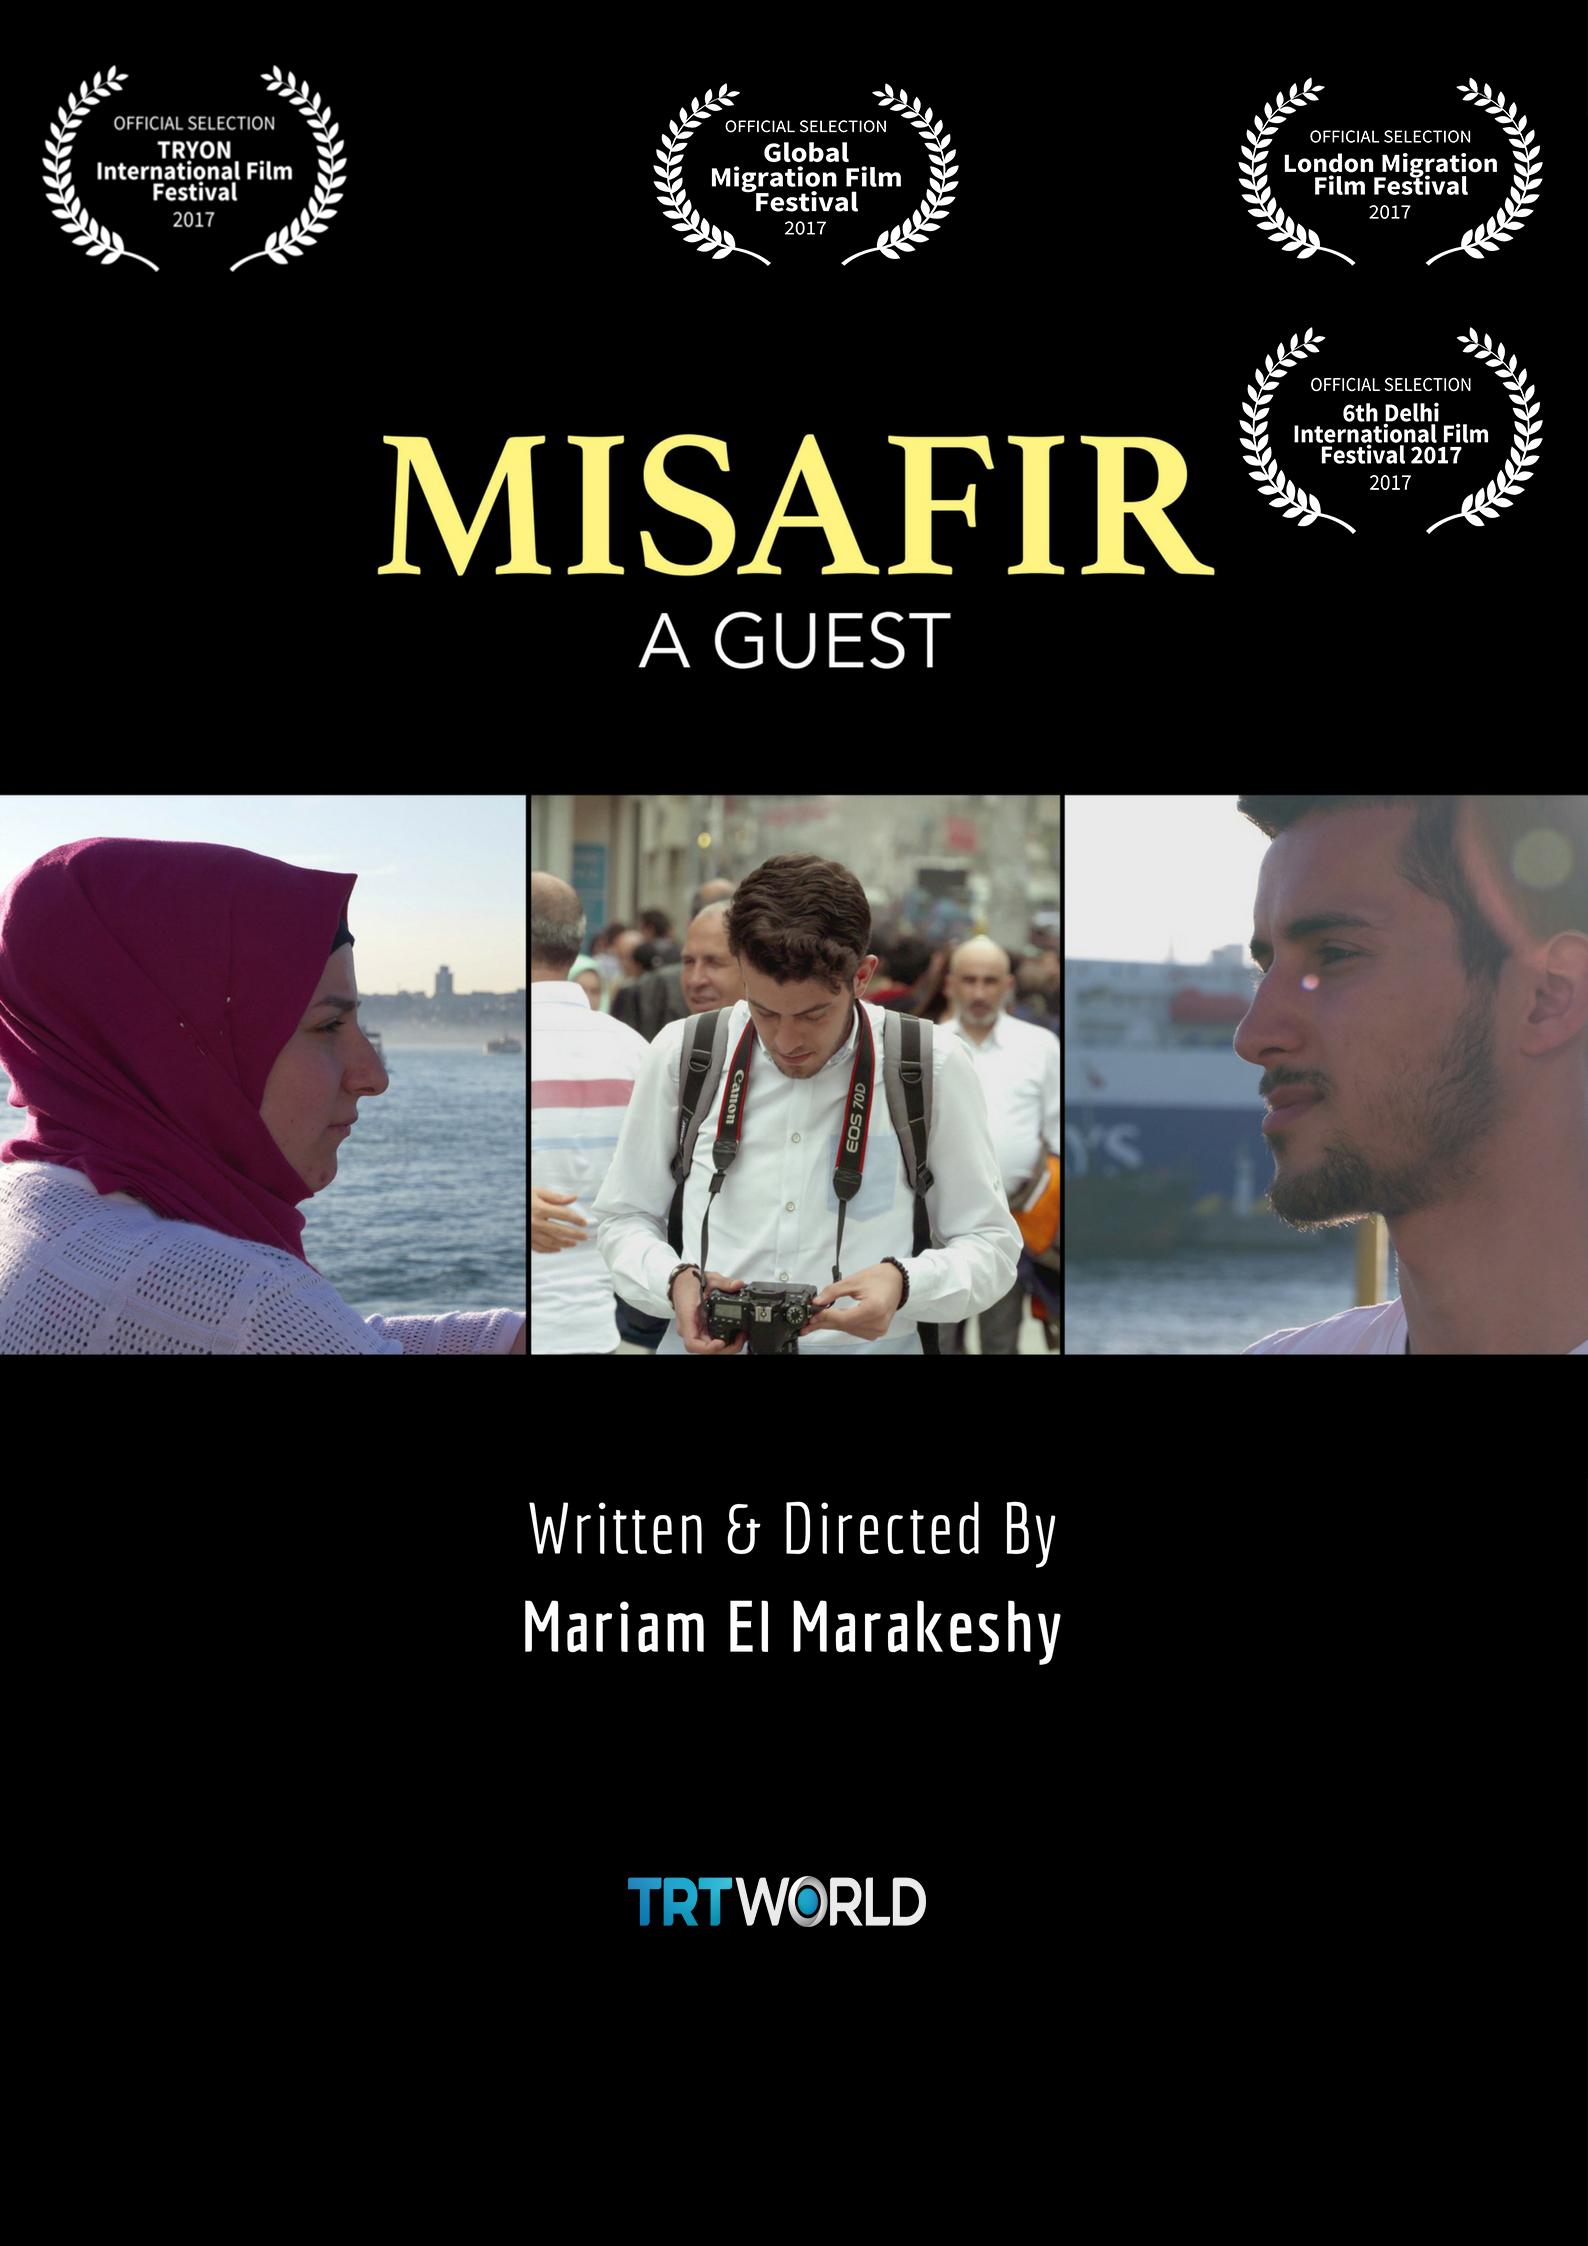 - MISAFIR